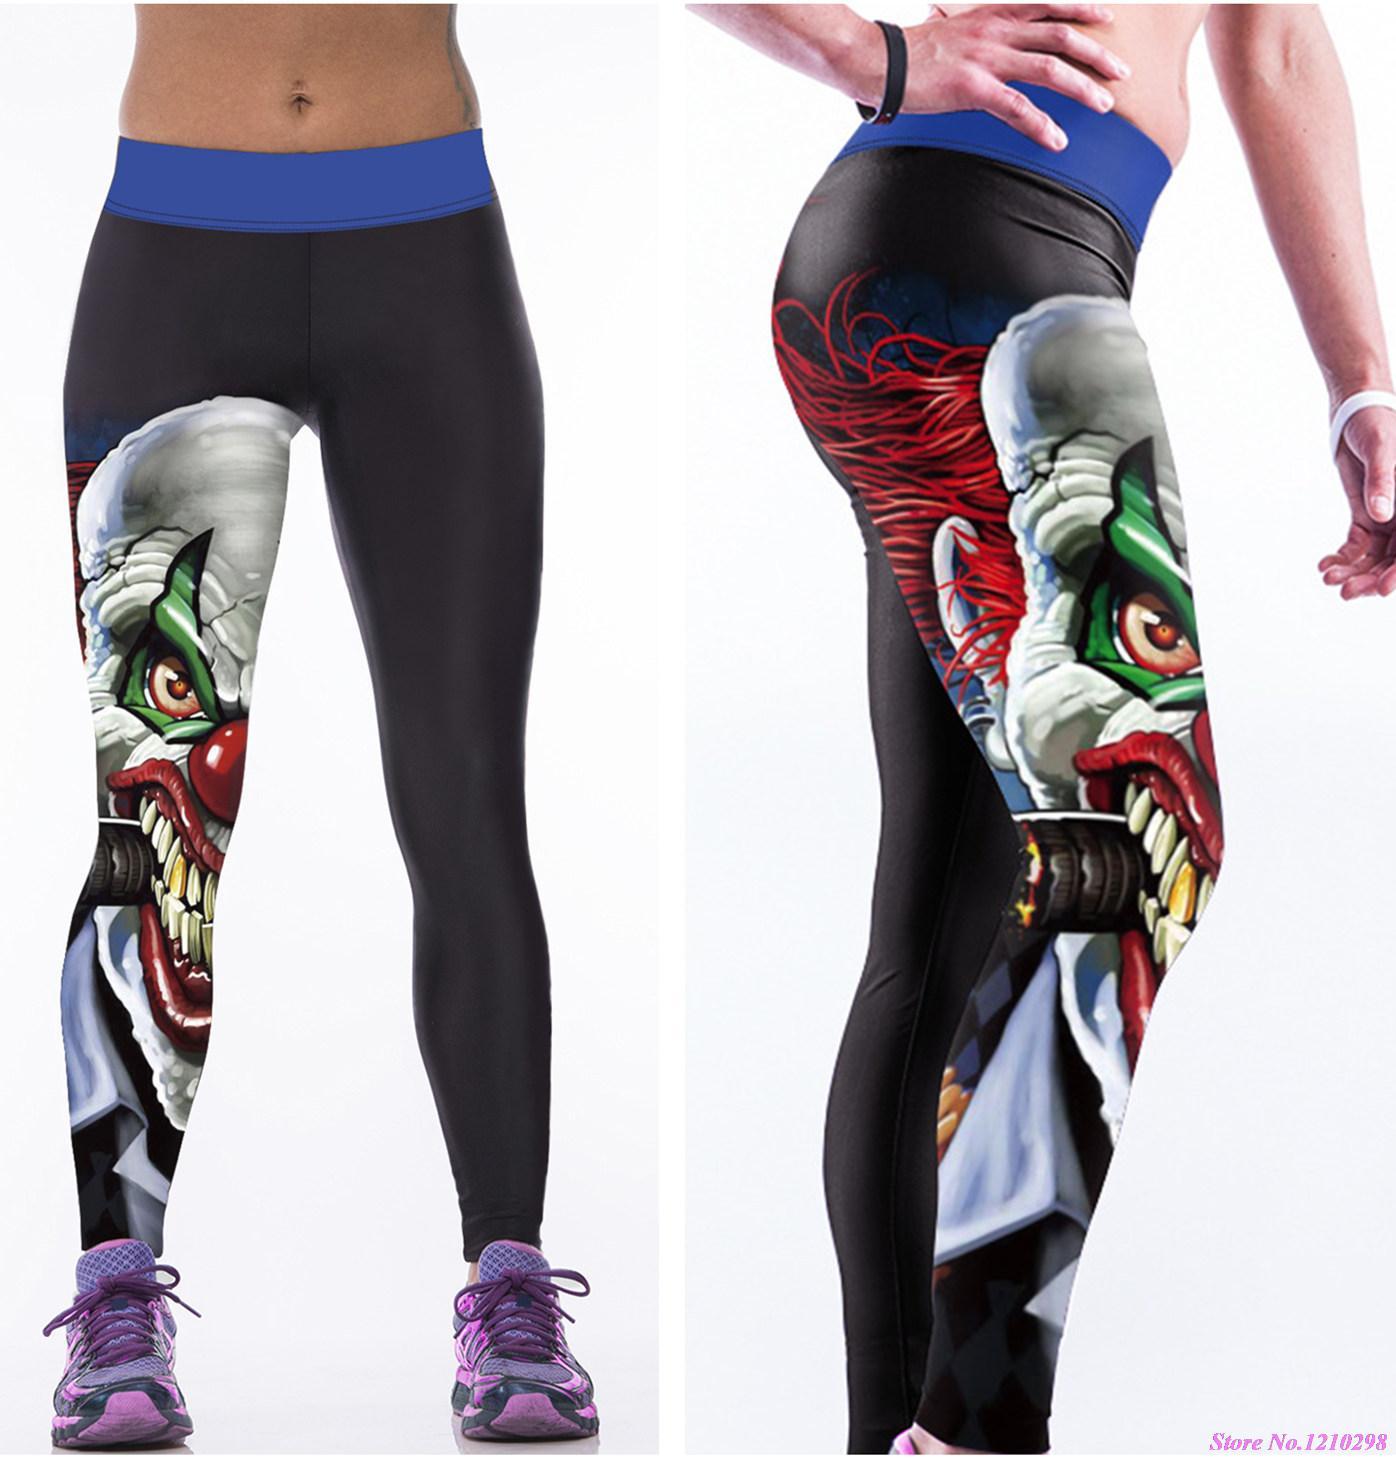 edfd3238c6 Calças Esportivas das mulheres 3D Imprimir O Batman The Joker Leggings  Calças de Yoga Calças de Ginástica Profissional Corrida de Fitness de Alta  ...